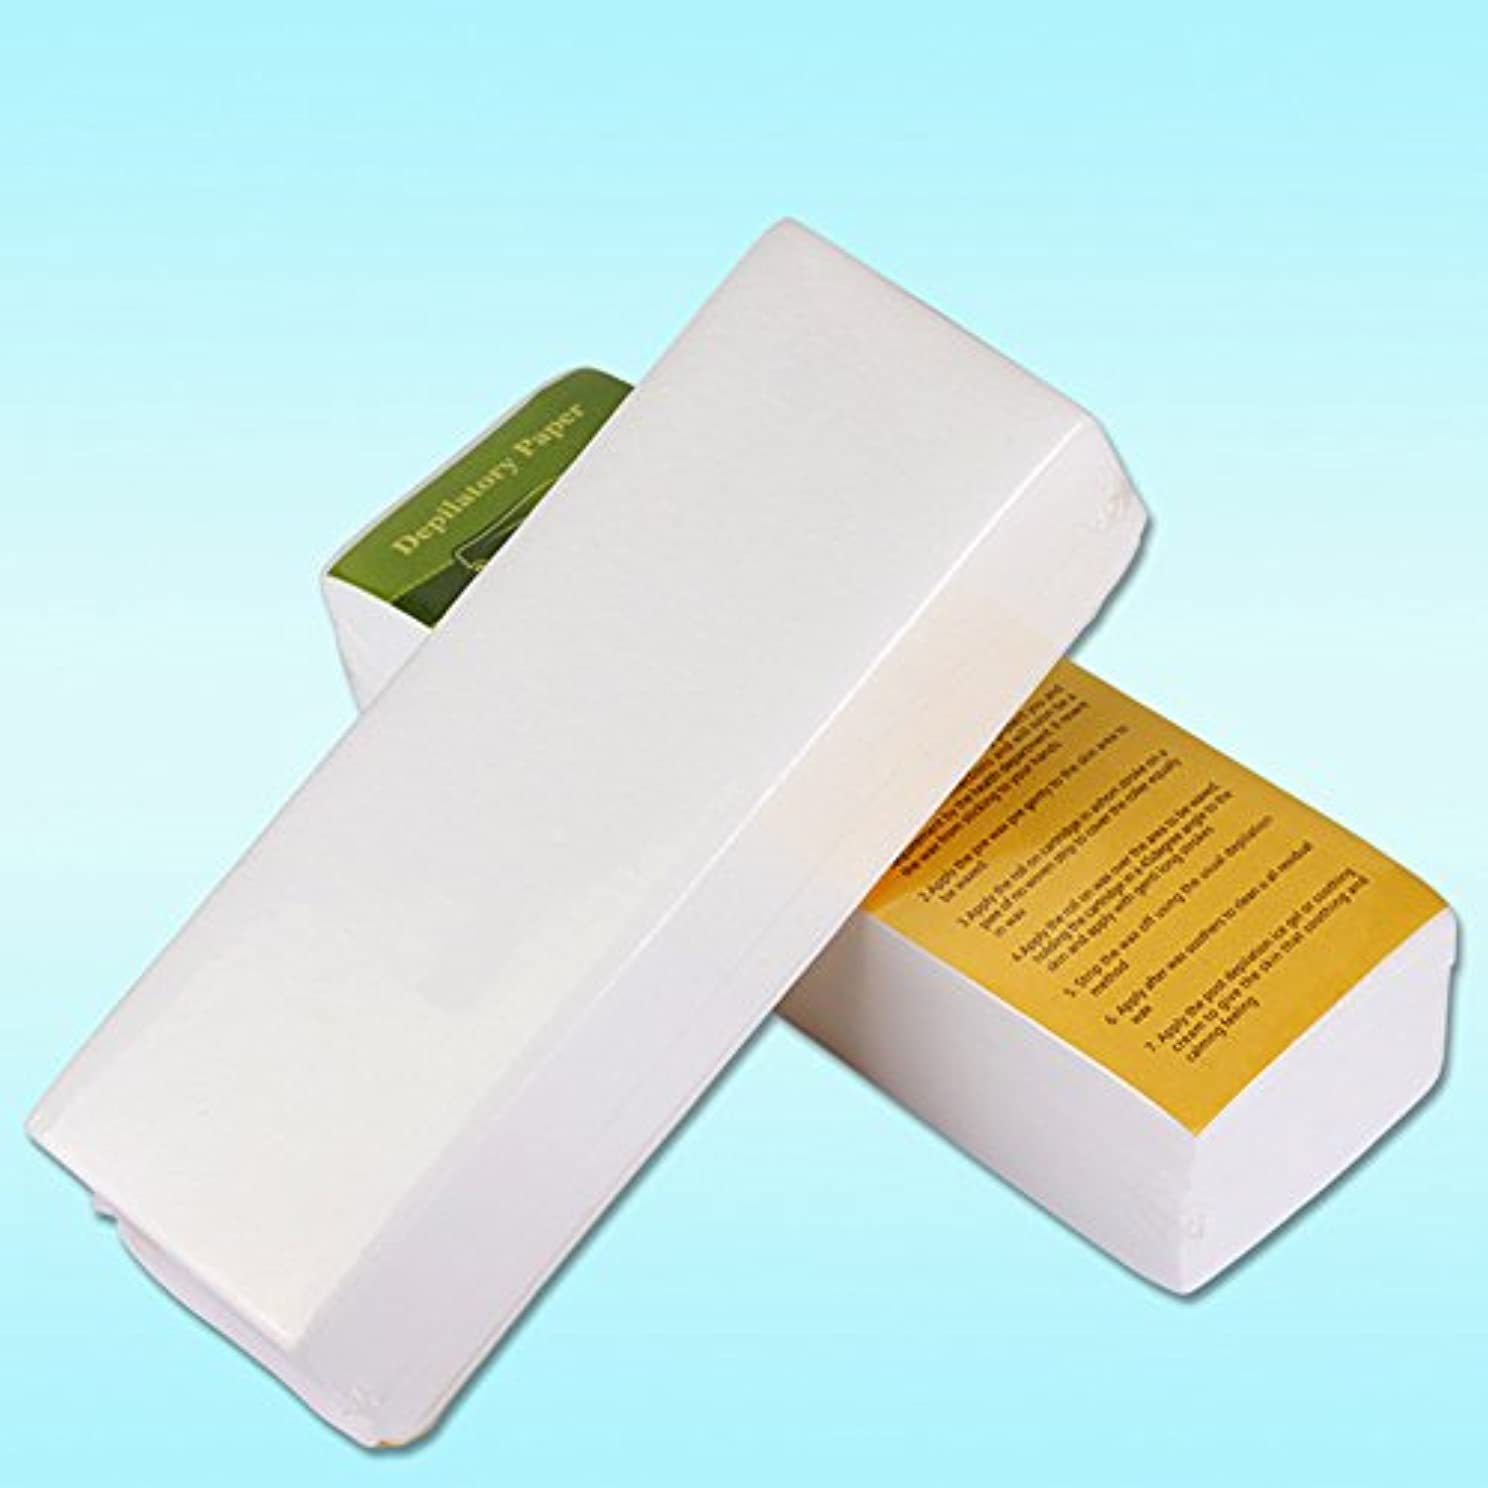 孤独な雇用者補助Rabugoo 100個/セット使い捨て不織布ティッシュシェービング脱毛蜜蝋脱毛紙